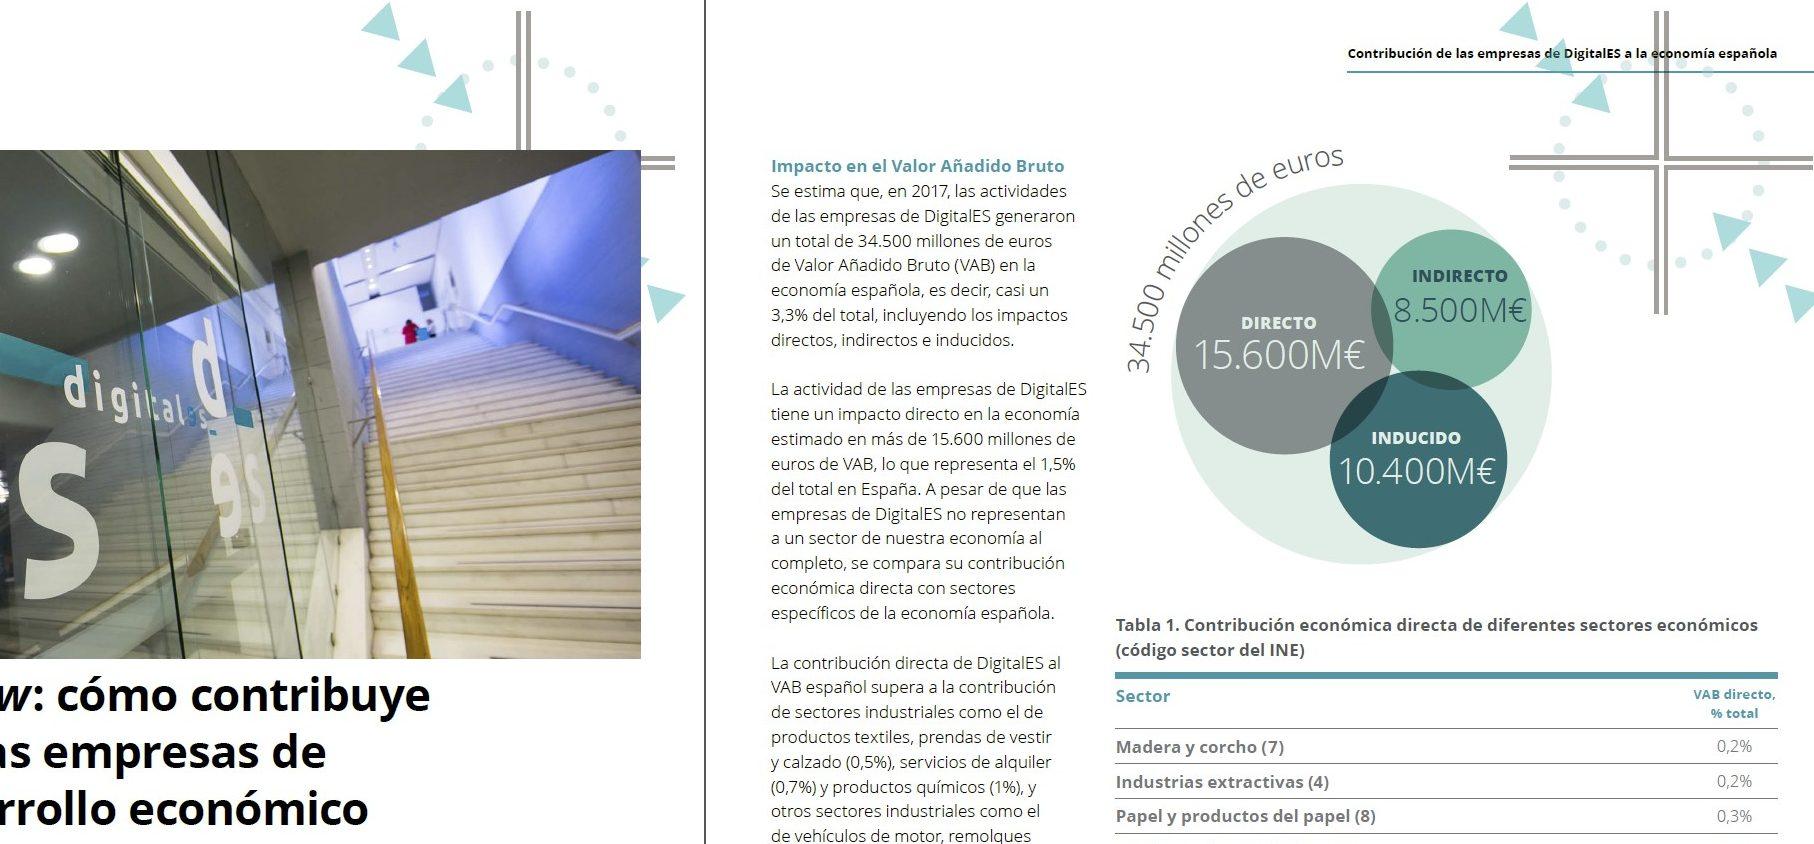 Informe Deloitte para DigitalES: El impacto de la digitalización en España